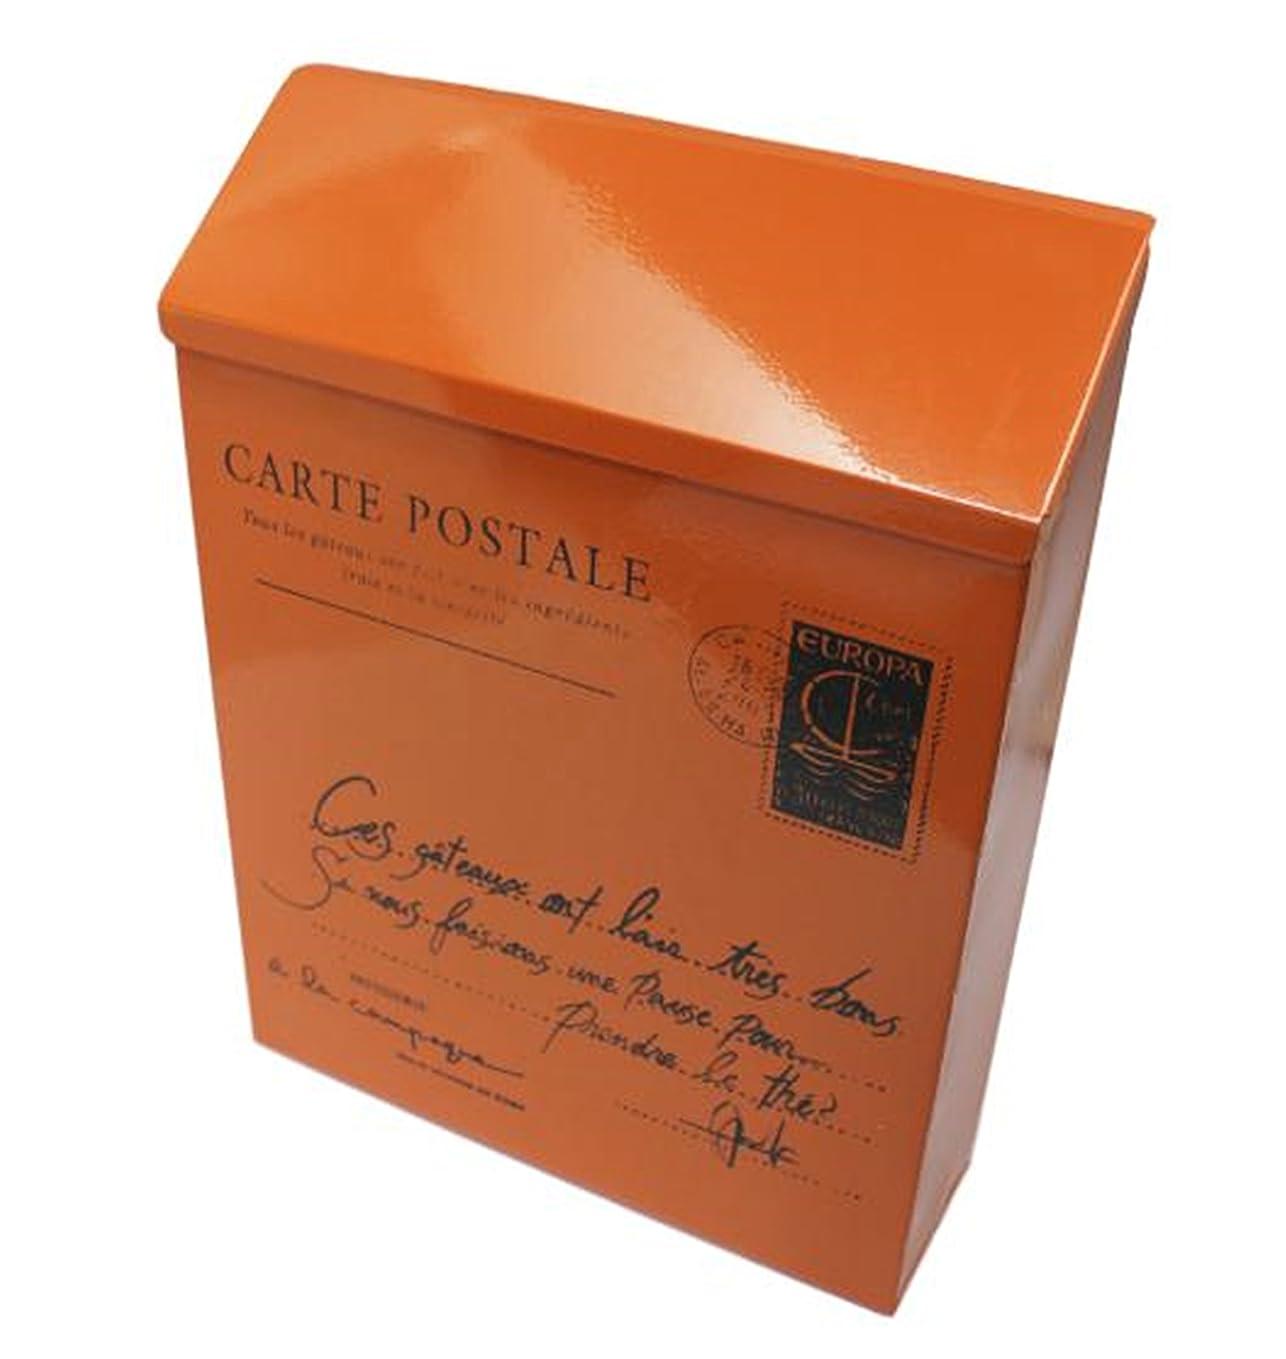 かる適合しましたクローゼット【mon luxe】 アンティーク調 鍵付き 郵便ポスト ブリキ 壁掛け メールボックス 新聞受け レトロ感 ヨーロピアン (Orange)